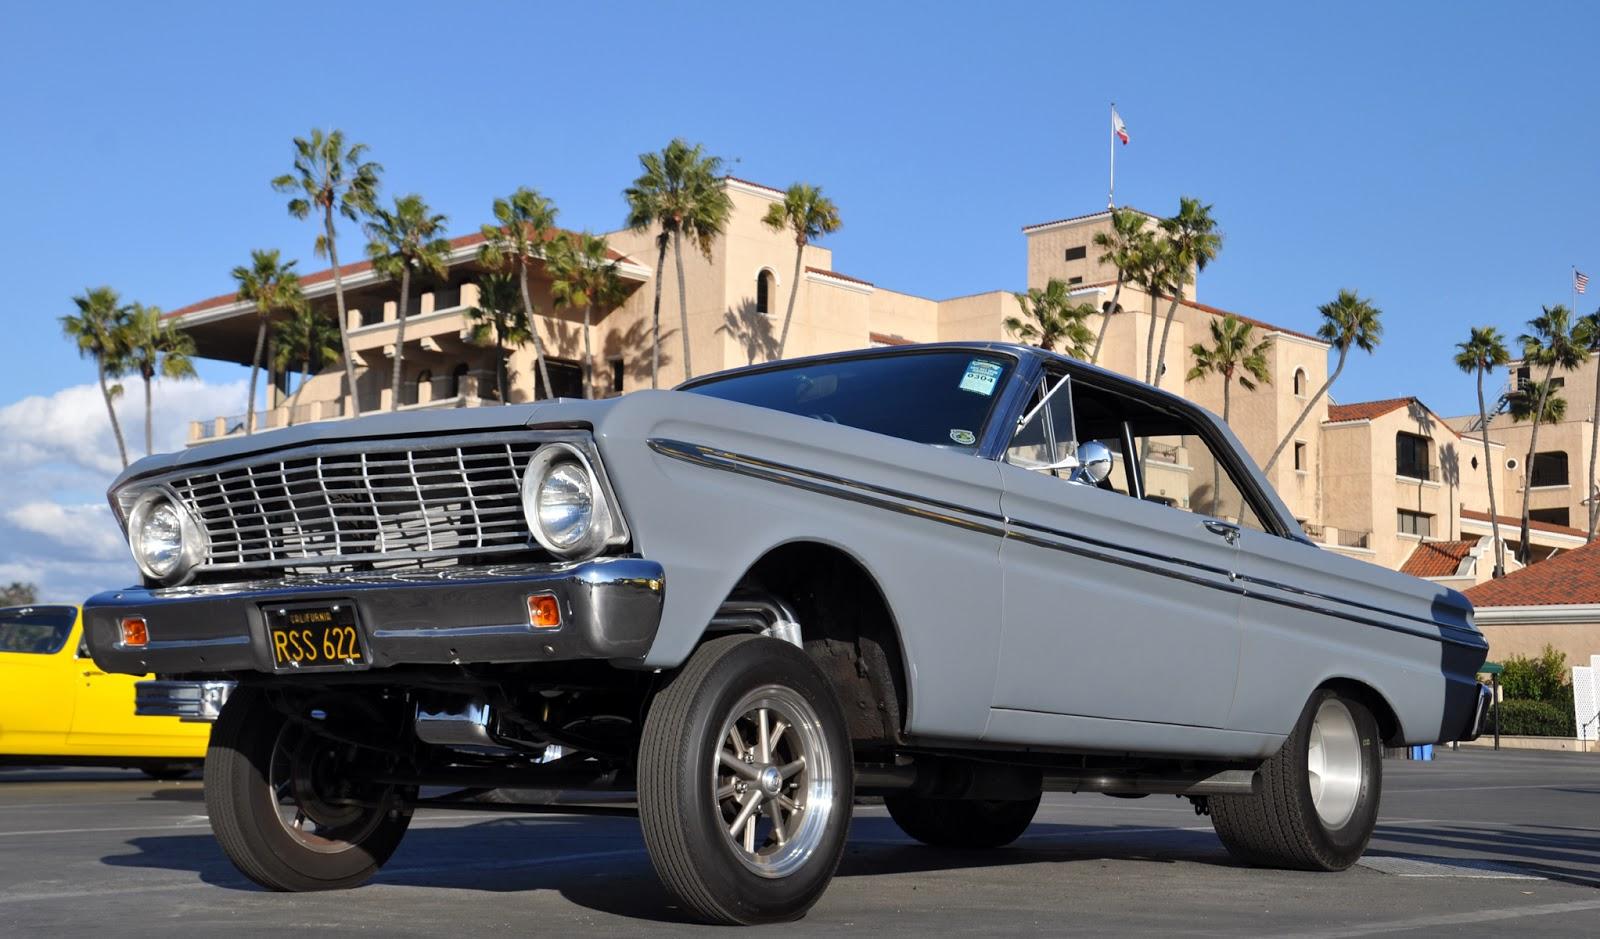 Car Show In San Diego Tomorrow